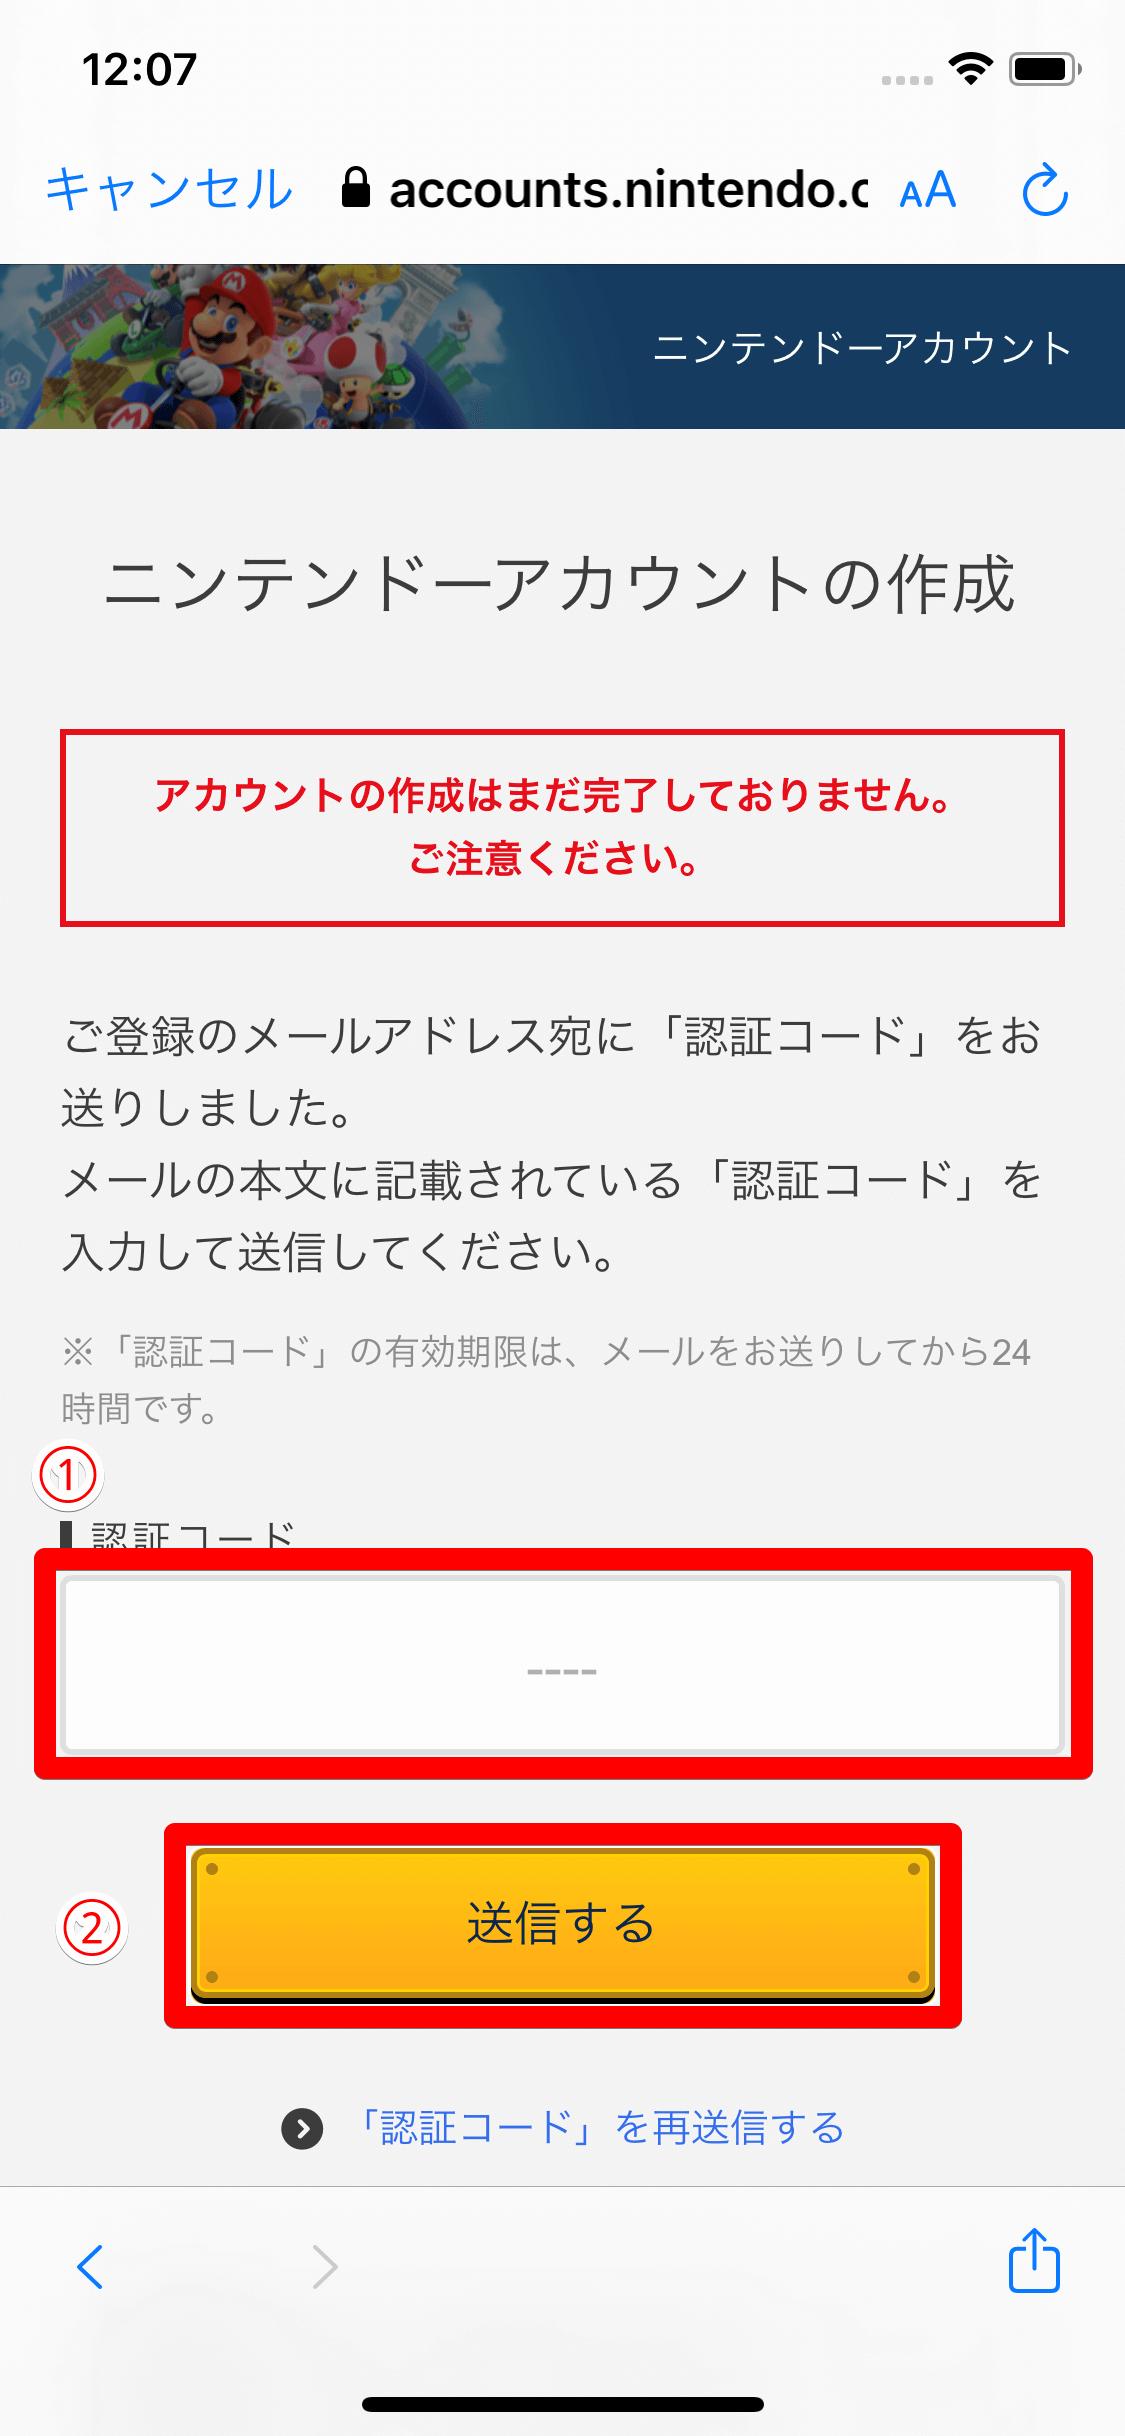 「マリオカートツアー」に必須!「ニンテンドーアカウント」の作成方法